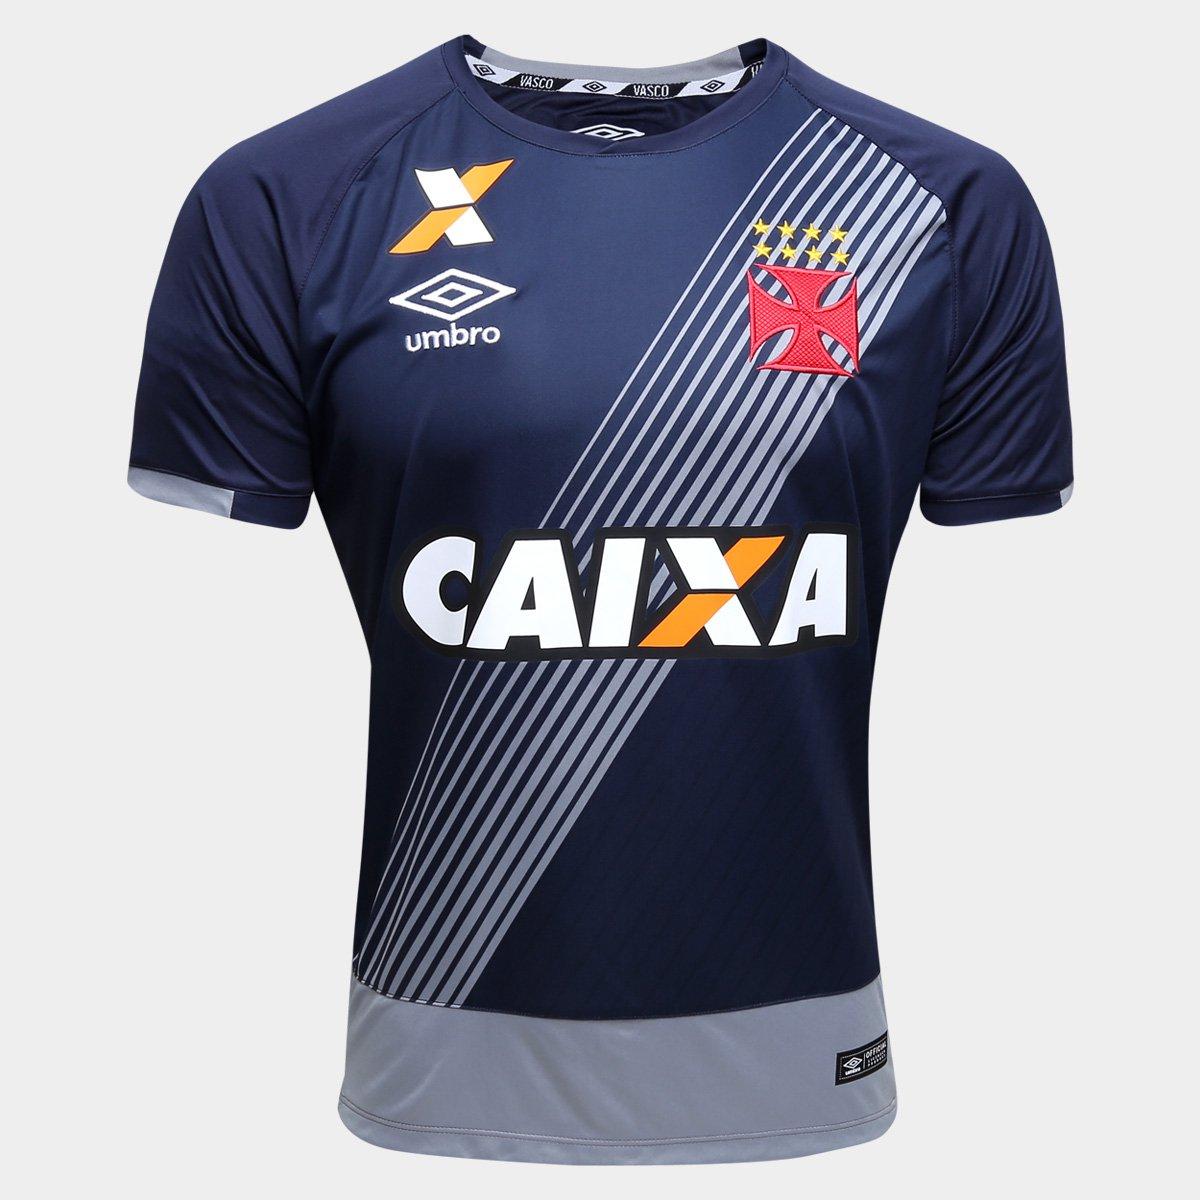 9cc8bac3b8fc4 Camisa Vasco Goleiro 16 17 s nº - Torcedor Umbro Masculina - Compre Agora